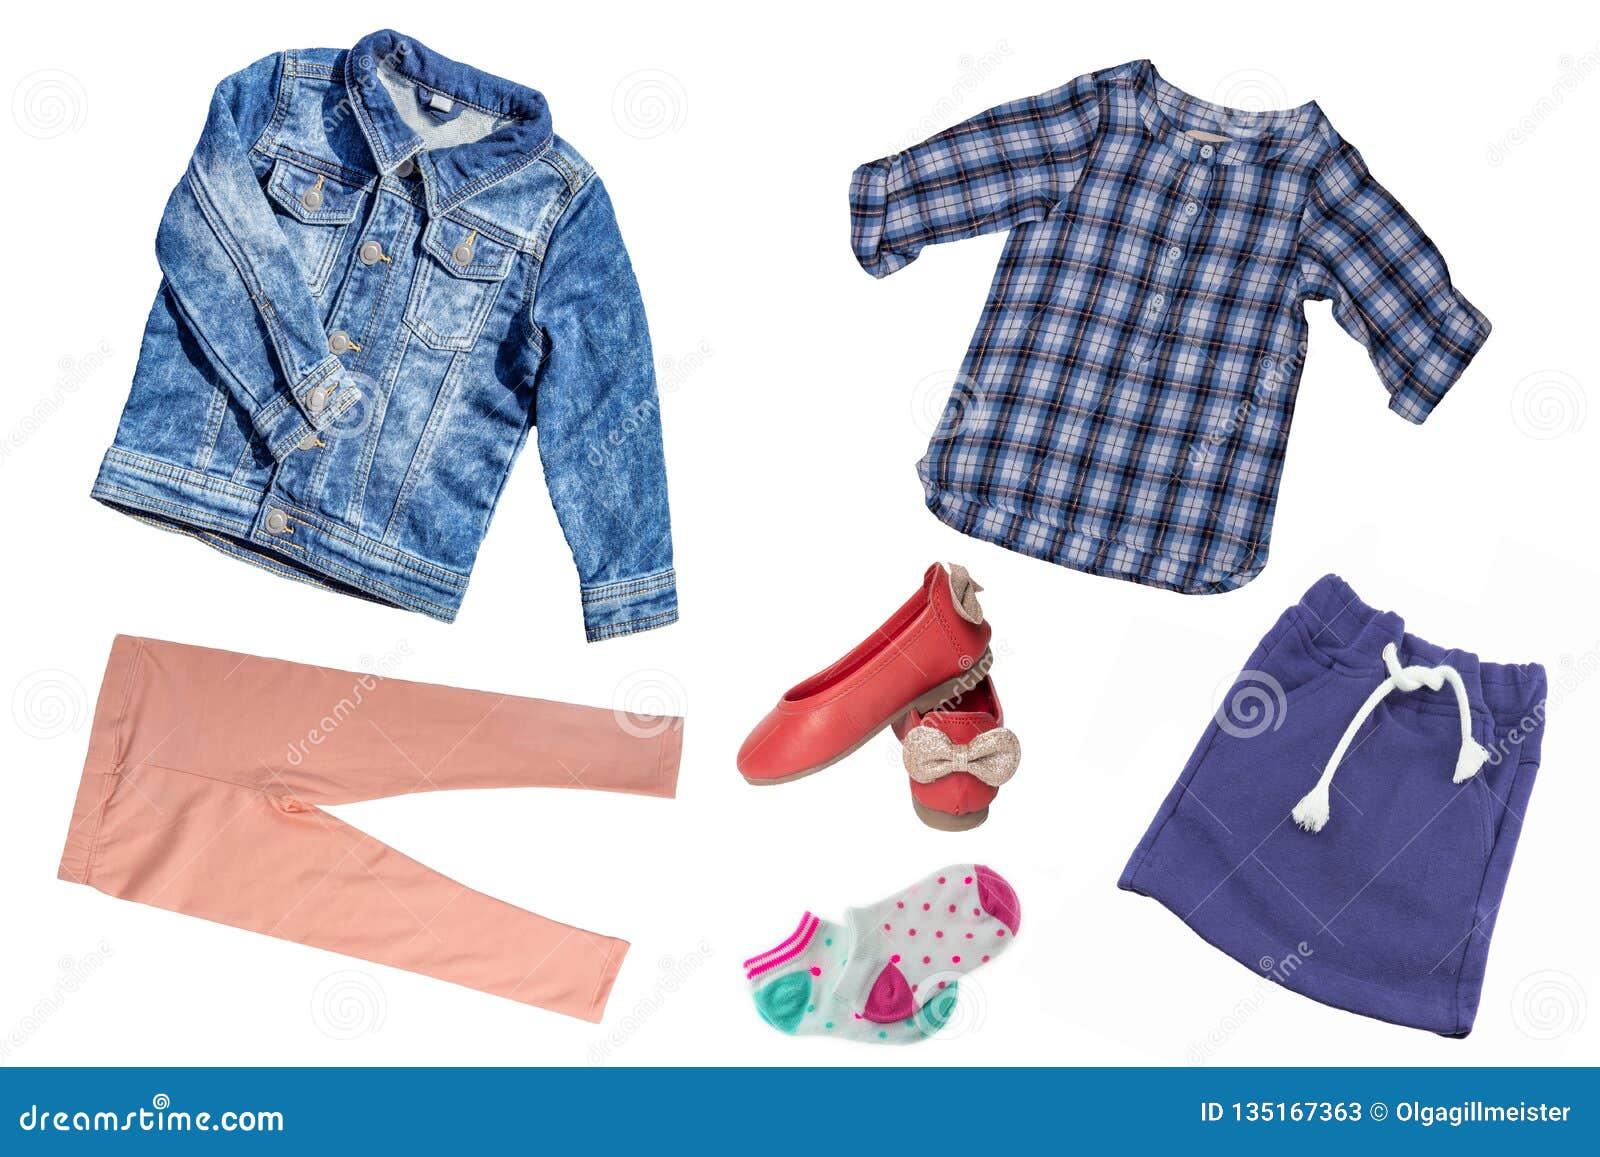 Взгляд сверху на наборе девушки ребенка одежд Коллаж одежды одеяния Юбки, тапка, джинсы, куртка, брюки и рубашка изолированные да